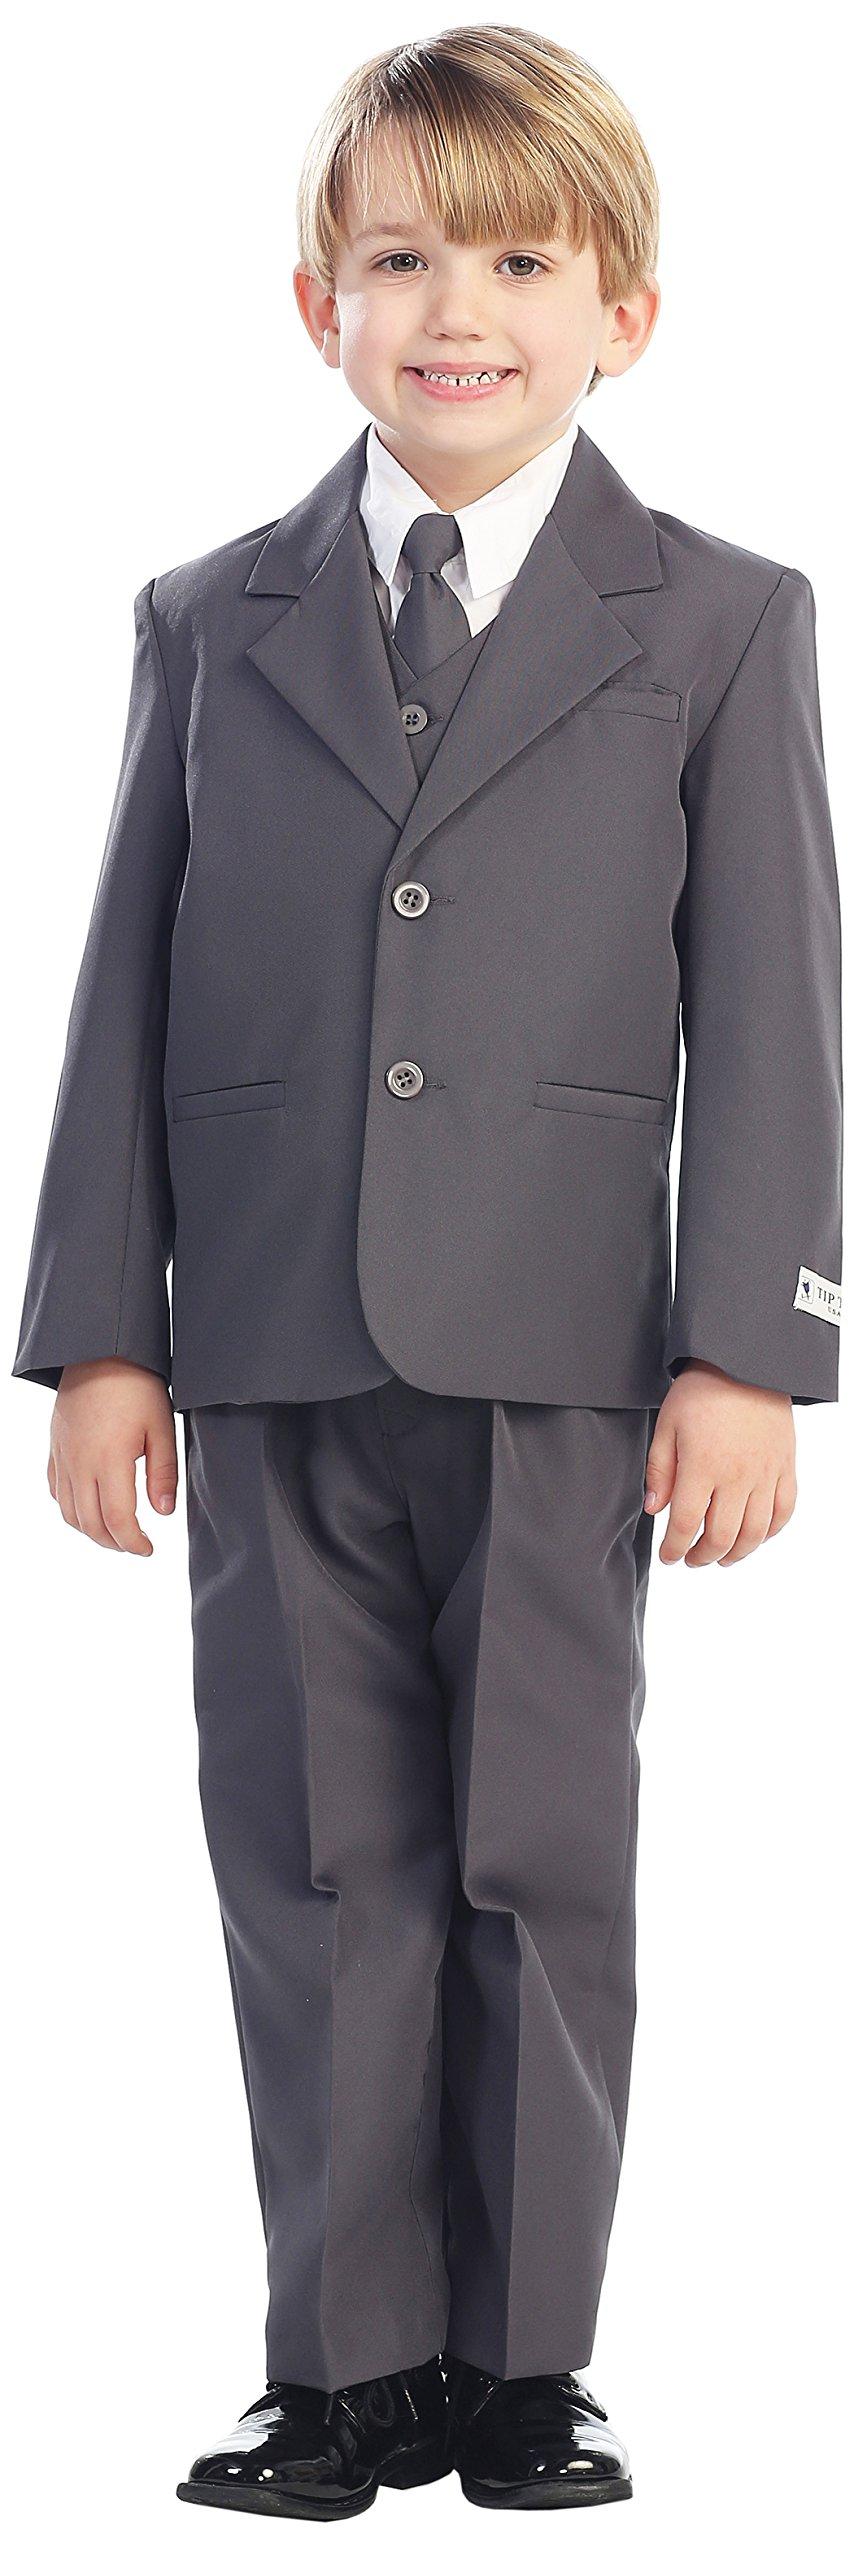 Avery Hill 5-Piece Boy's 2-Button Dress Suit Full-Back Vest - Charcoal L (12-18 Months)